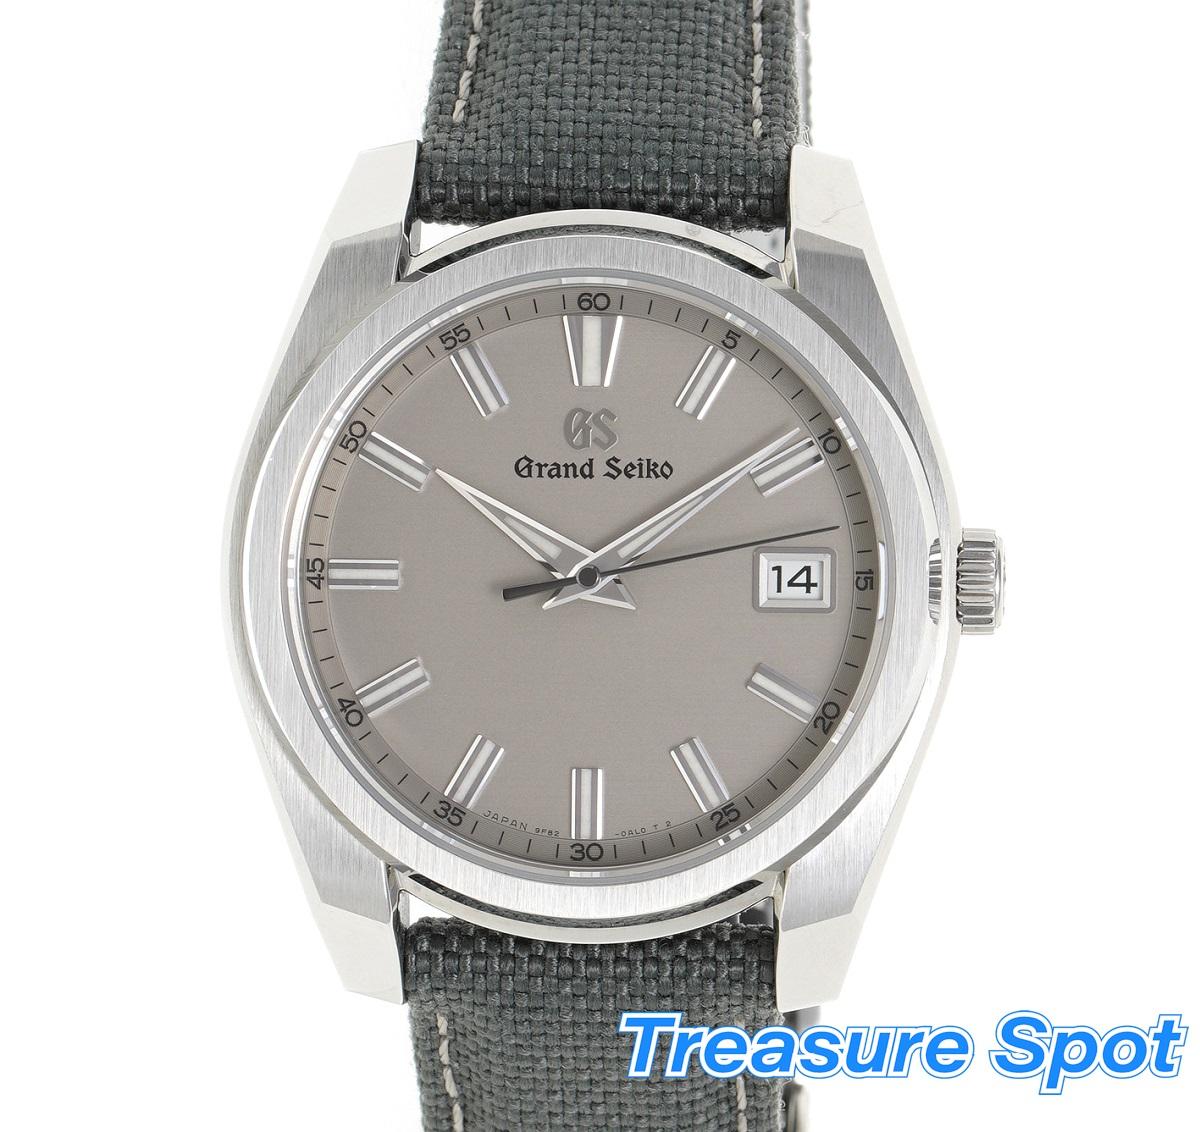 グランドセイコー SEIKO 9Fクォーツ SBGV245 Qz SS メンズ 腕時計 新品同様品 送料無料【トレジャースポット】【中古】